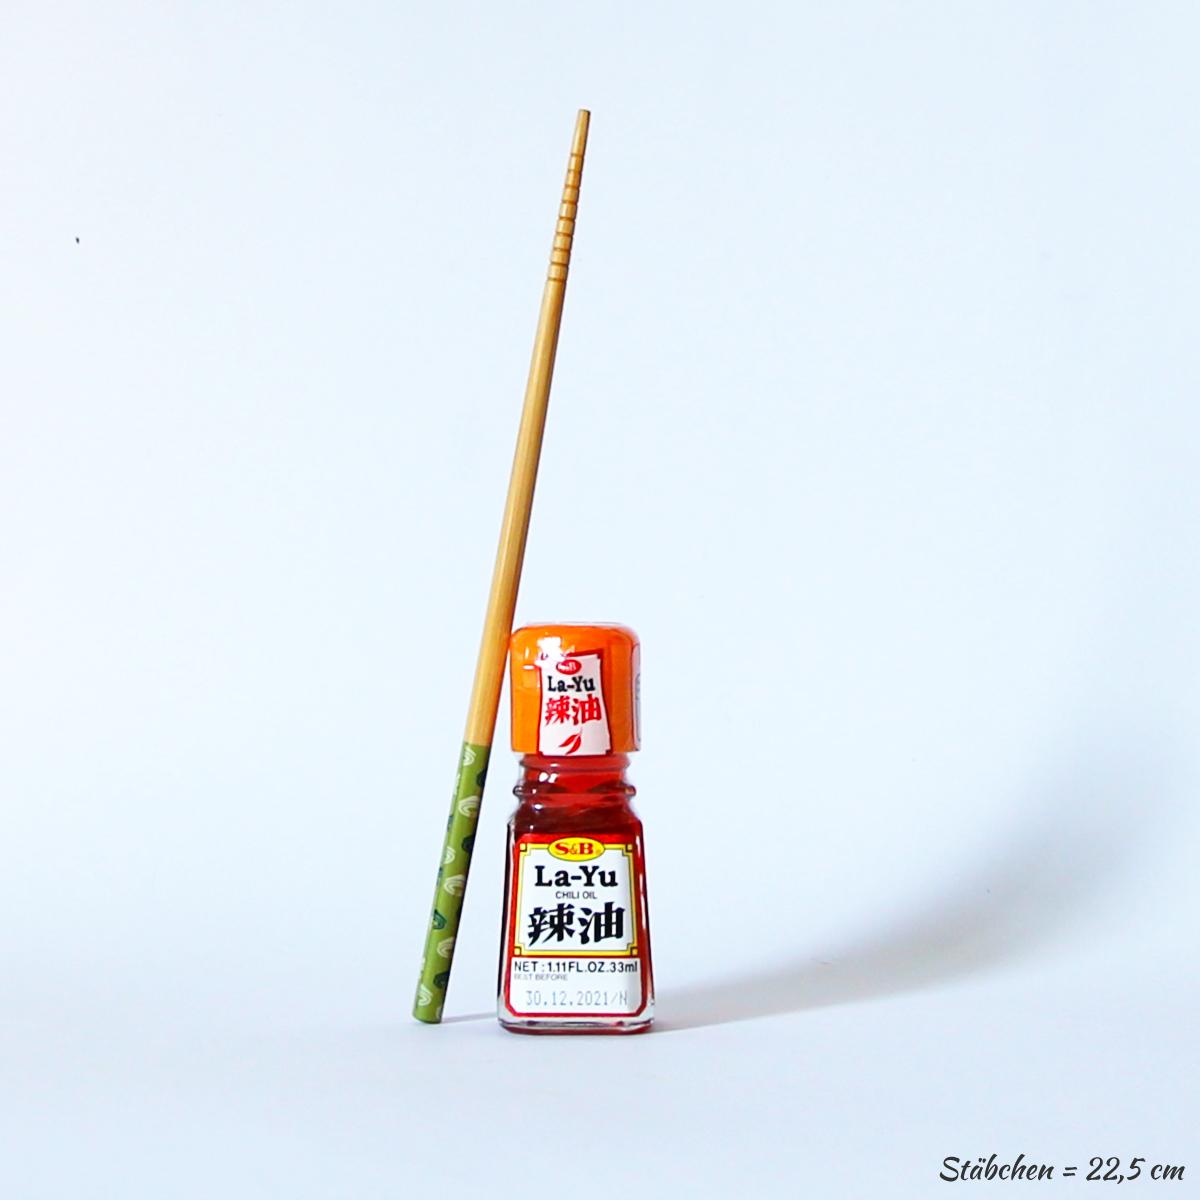 La-Yu Chiliöl 33ml (Sesamöl mit Chili), S&B